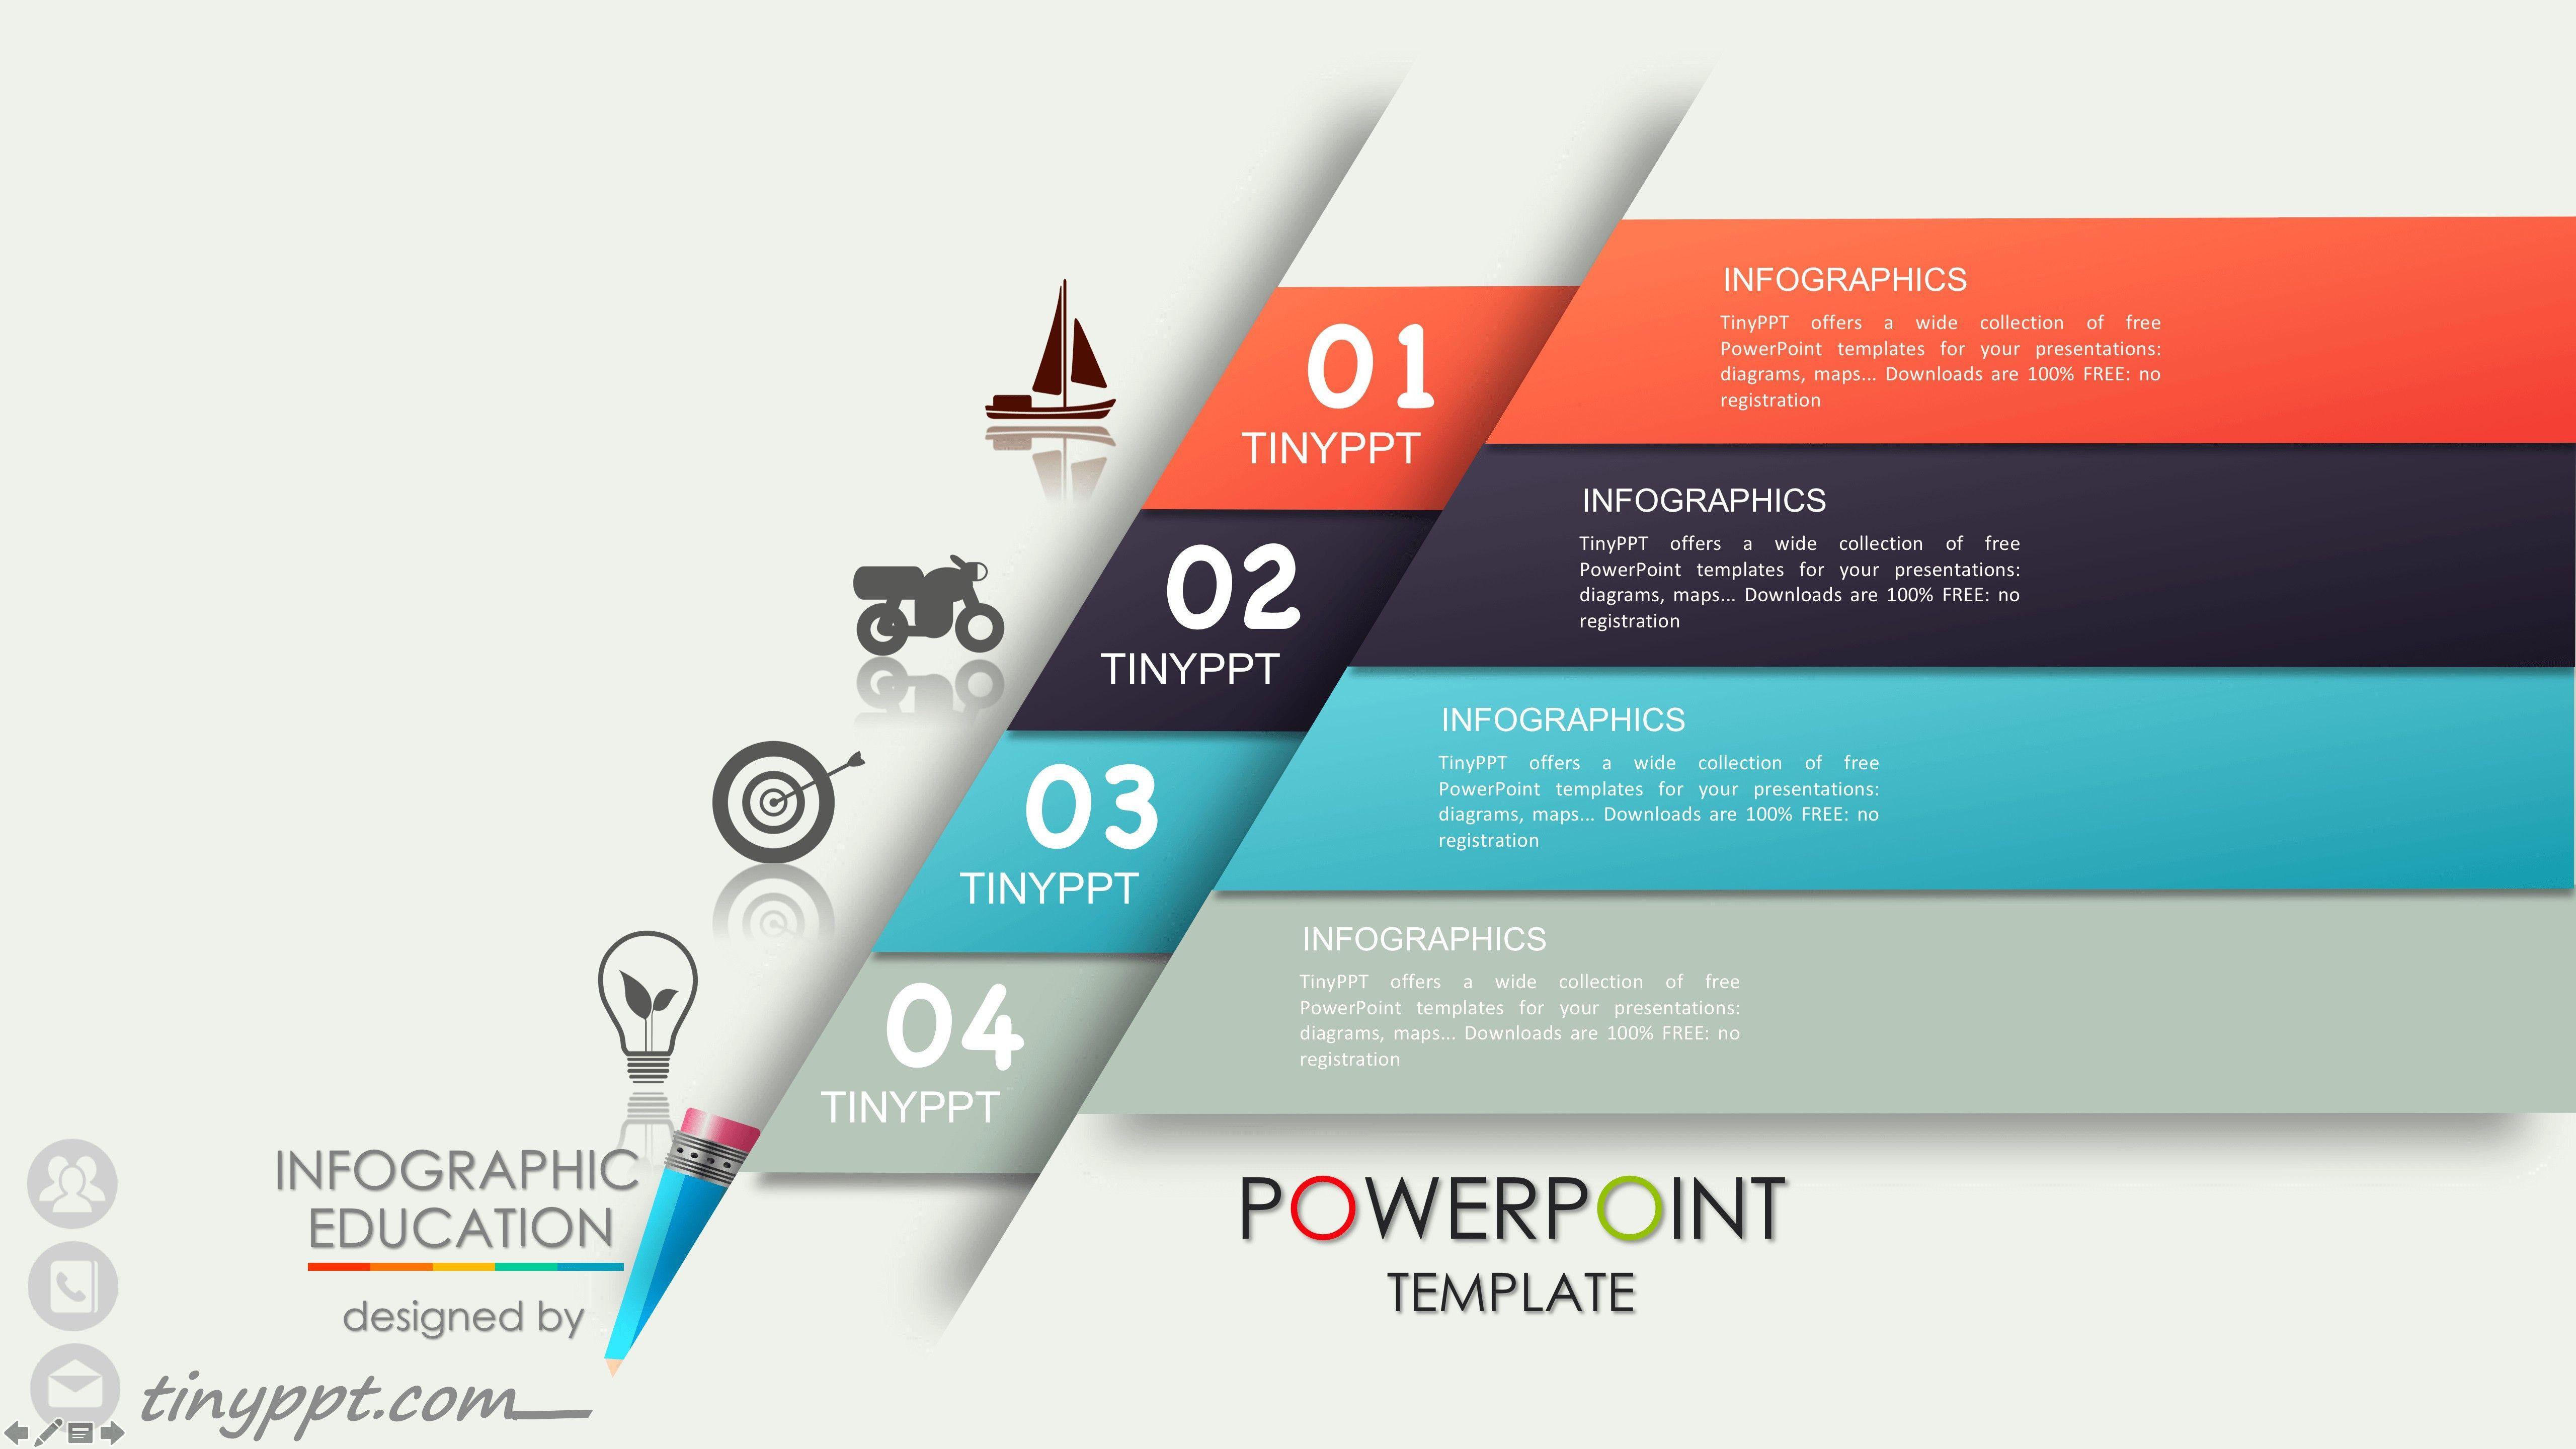 New Year Powerpoint Template Inspirational Superb Animated Powerpoint Templates Free In 2020 Powerpoint Hintergrund Vorlagen Powerpoint Prasentation Powerpoint Bilder